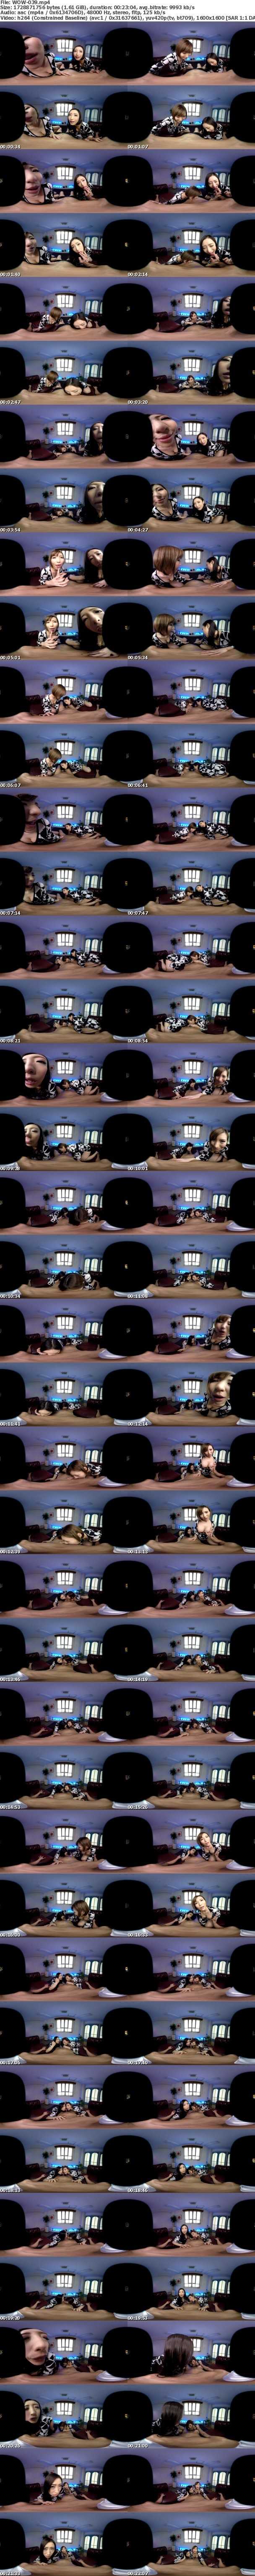 VR/3D WOW-039 【VR】蛇舌女の超絶Wフェラ